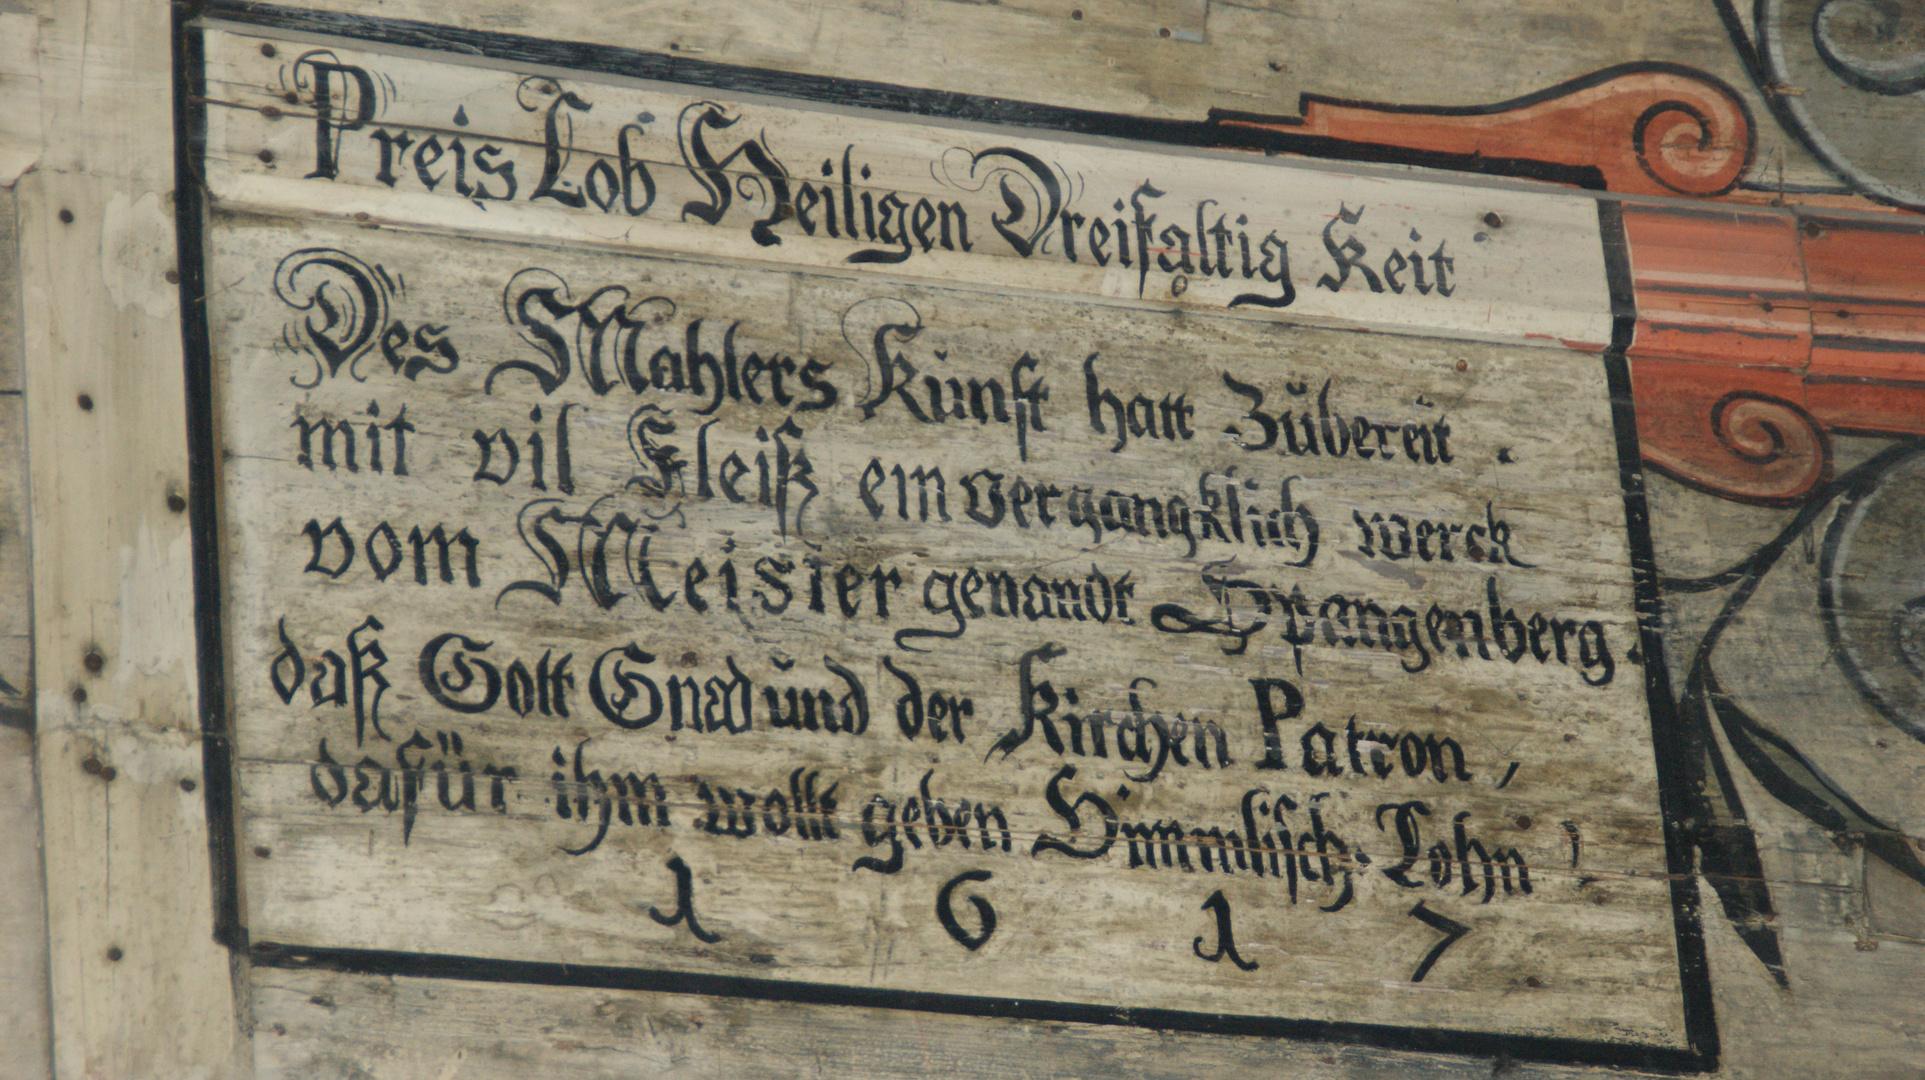 Gesehen in der Johanniskirche an dem Runddeckengewölbe